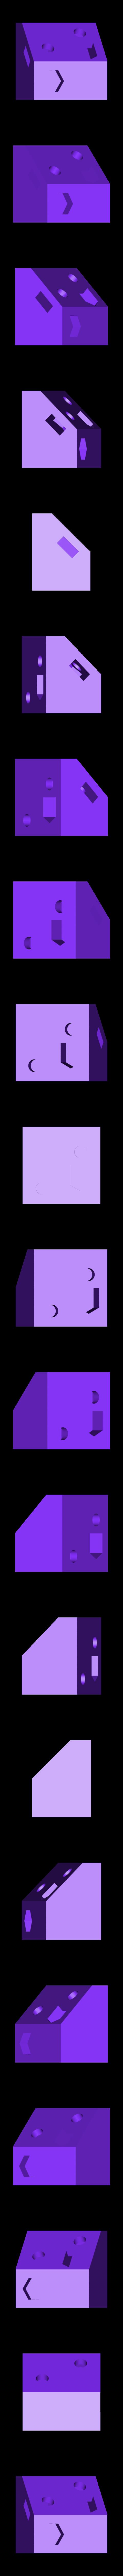 OpenRC_Calibration_Cube.stl Télécharger fichier STL gratuit OpenRC Calibration Cube • Objet imprimable en 3D, DanielNoree